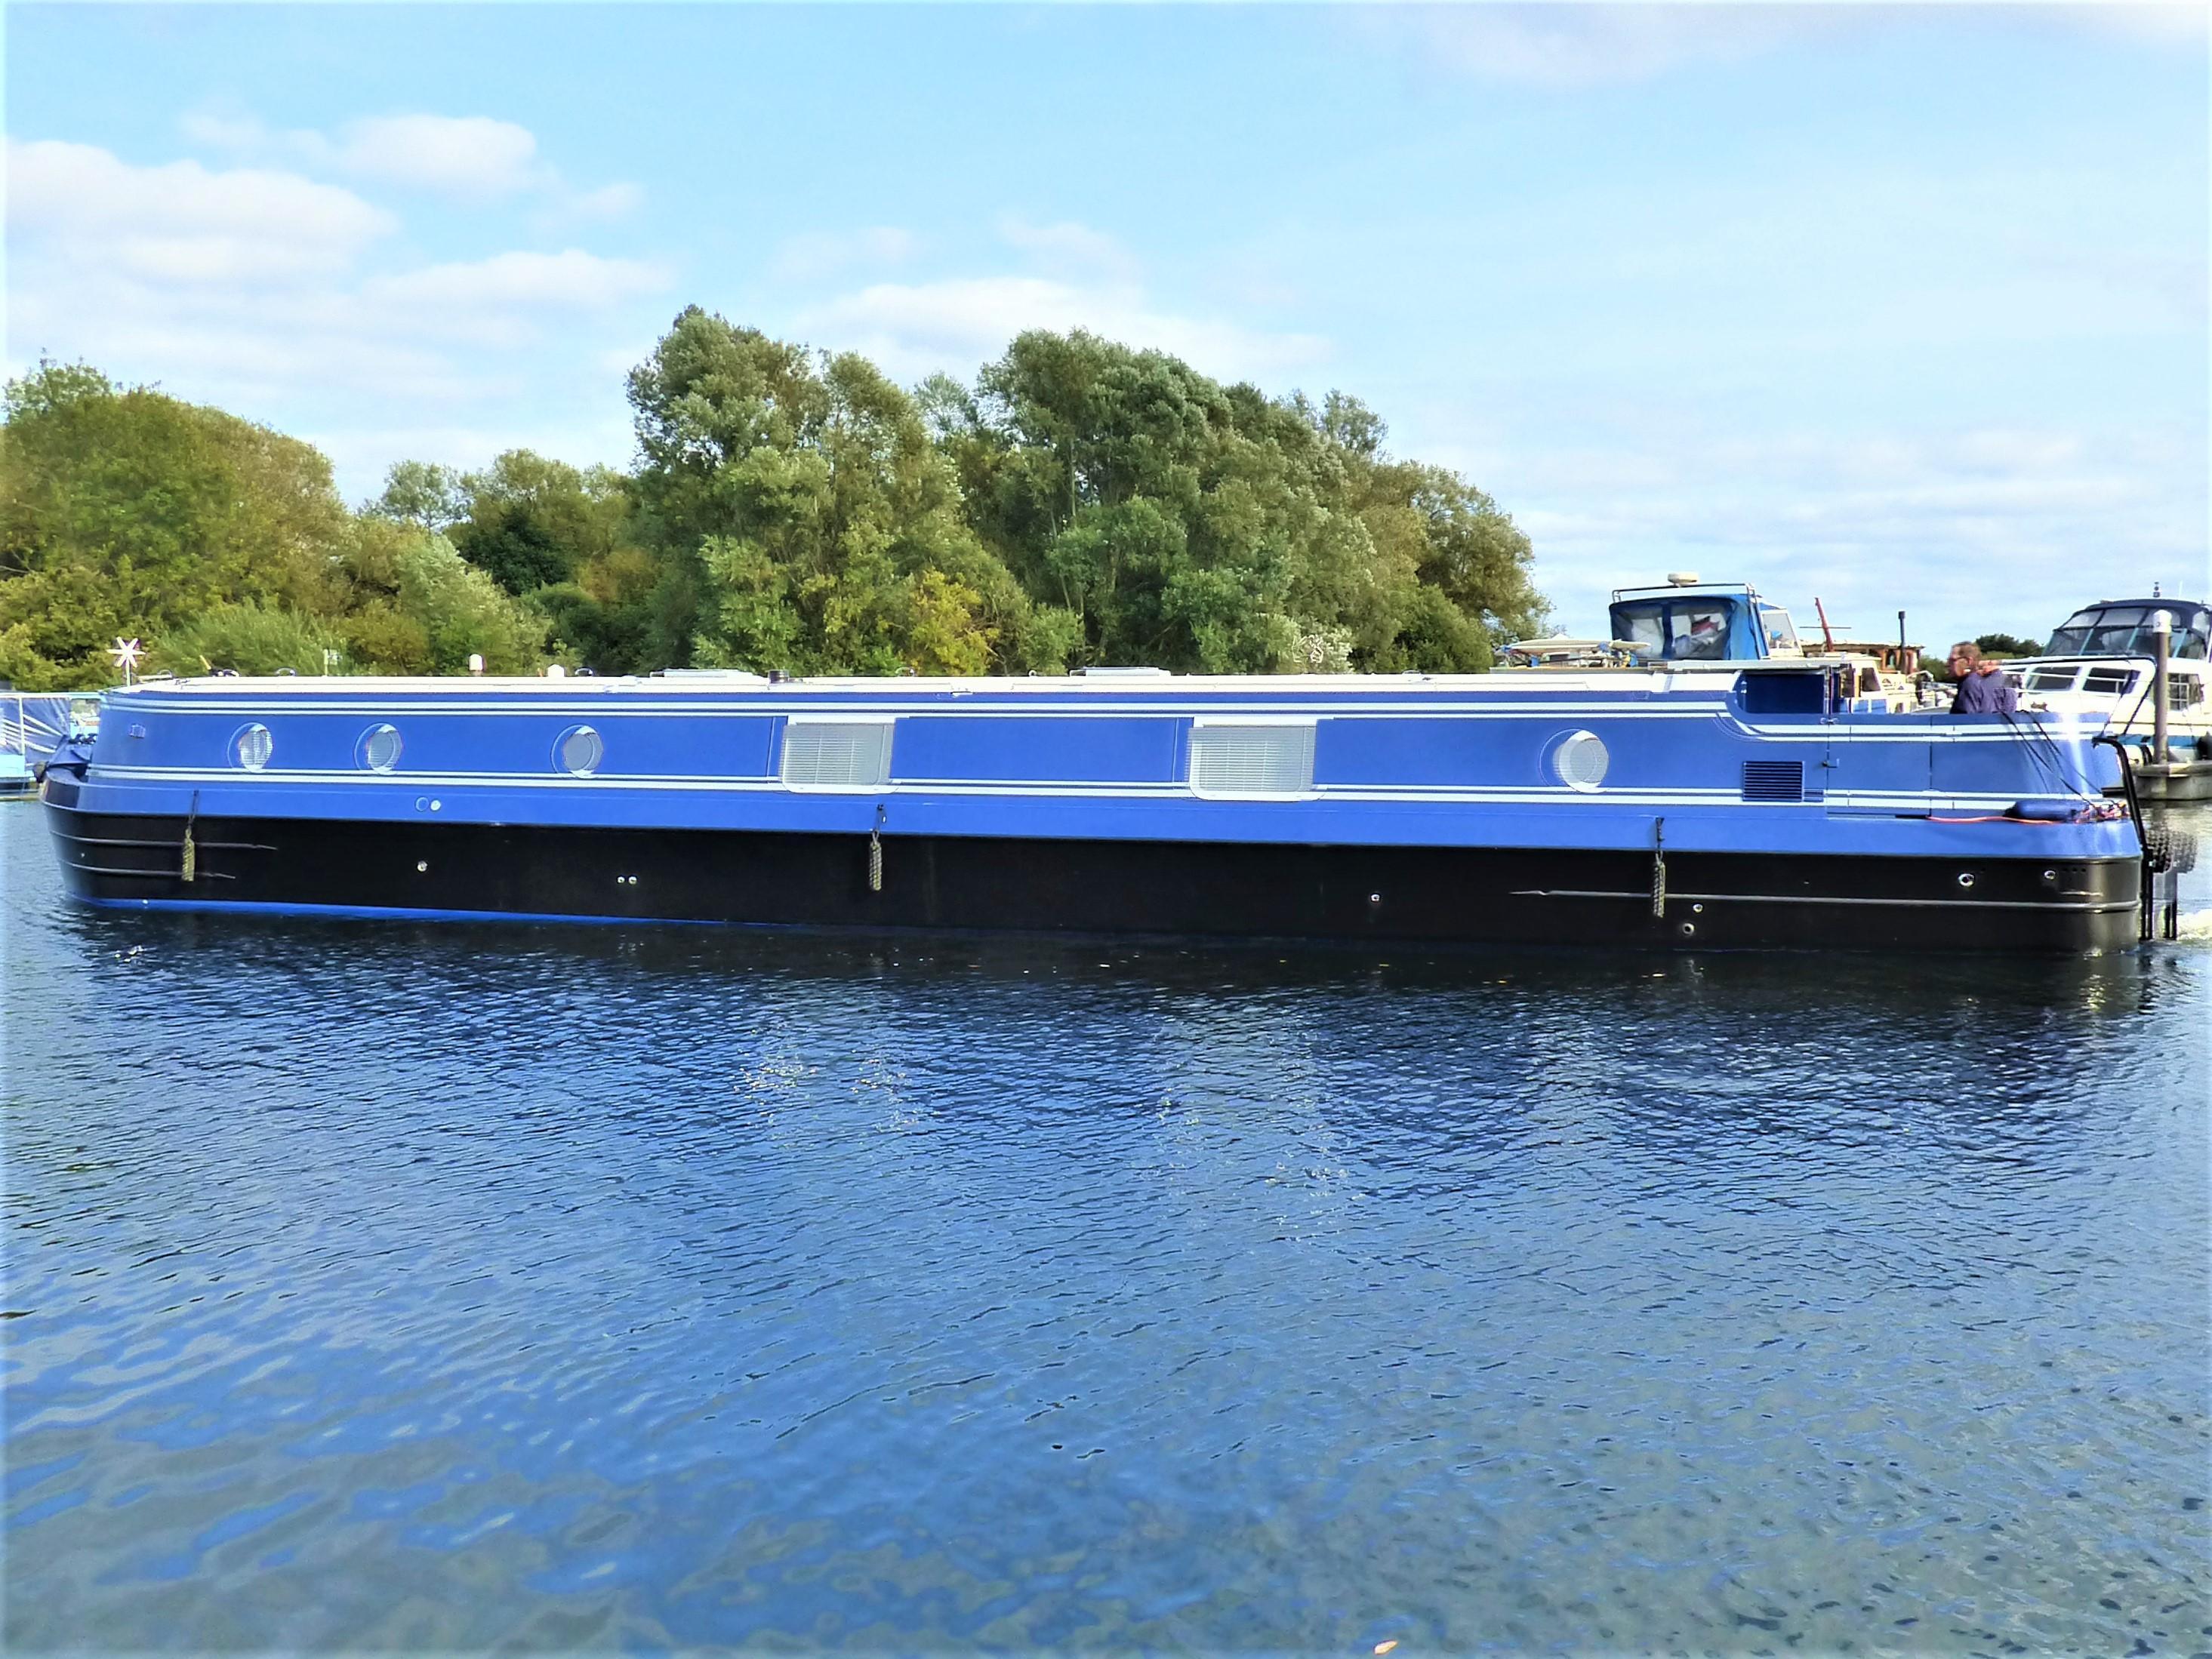 Viking Canal Boats 57 x 13 03 Widebeam Narrowboat